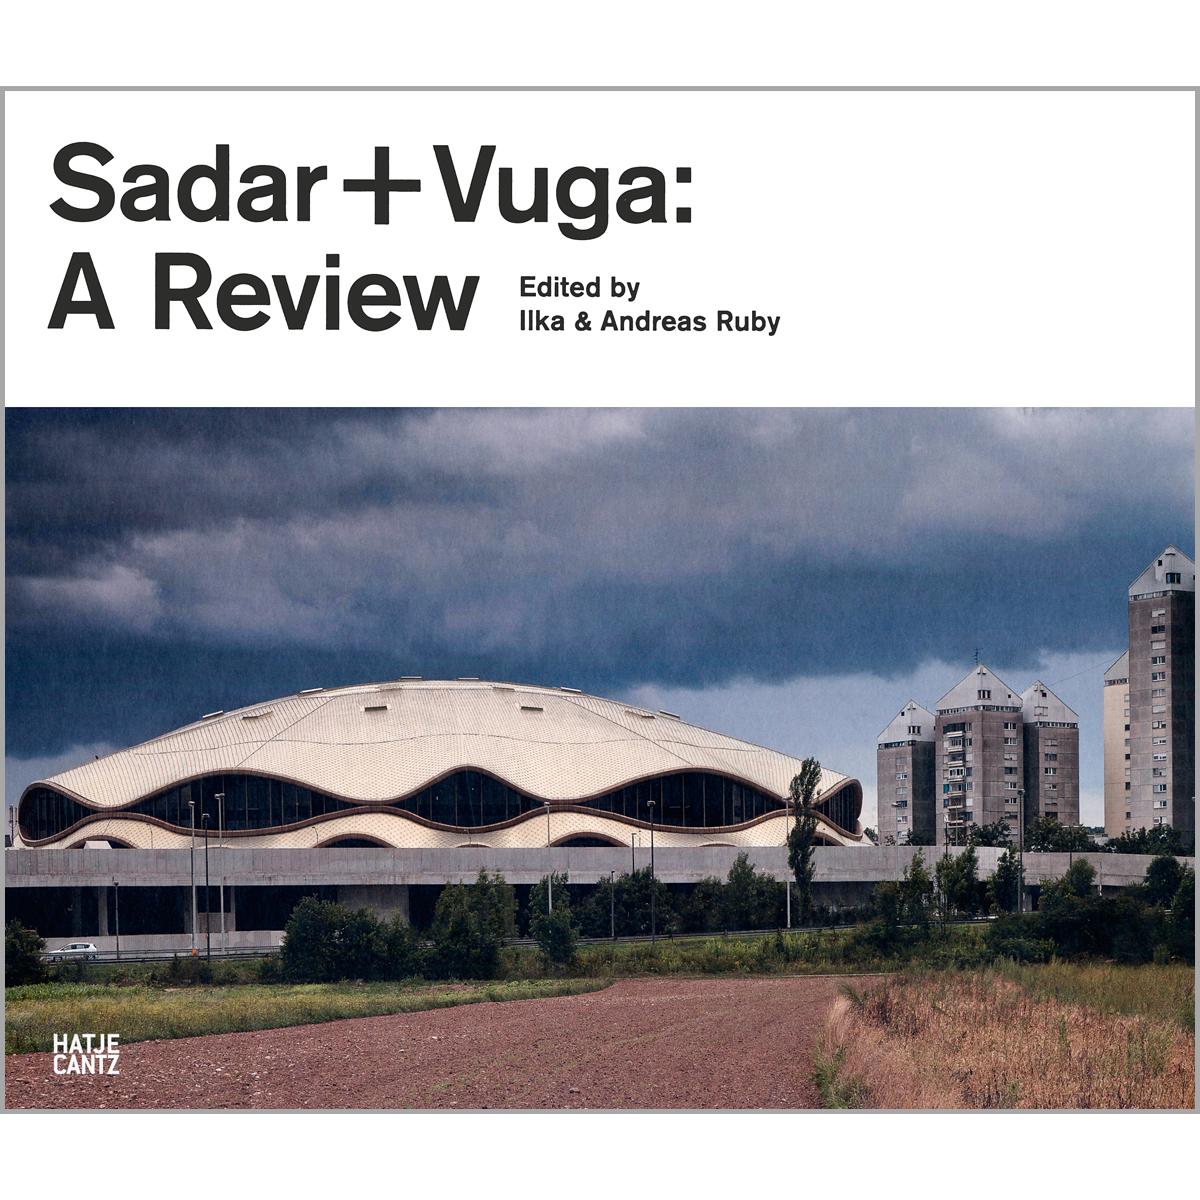 Sadar + Vuga: A Review